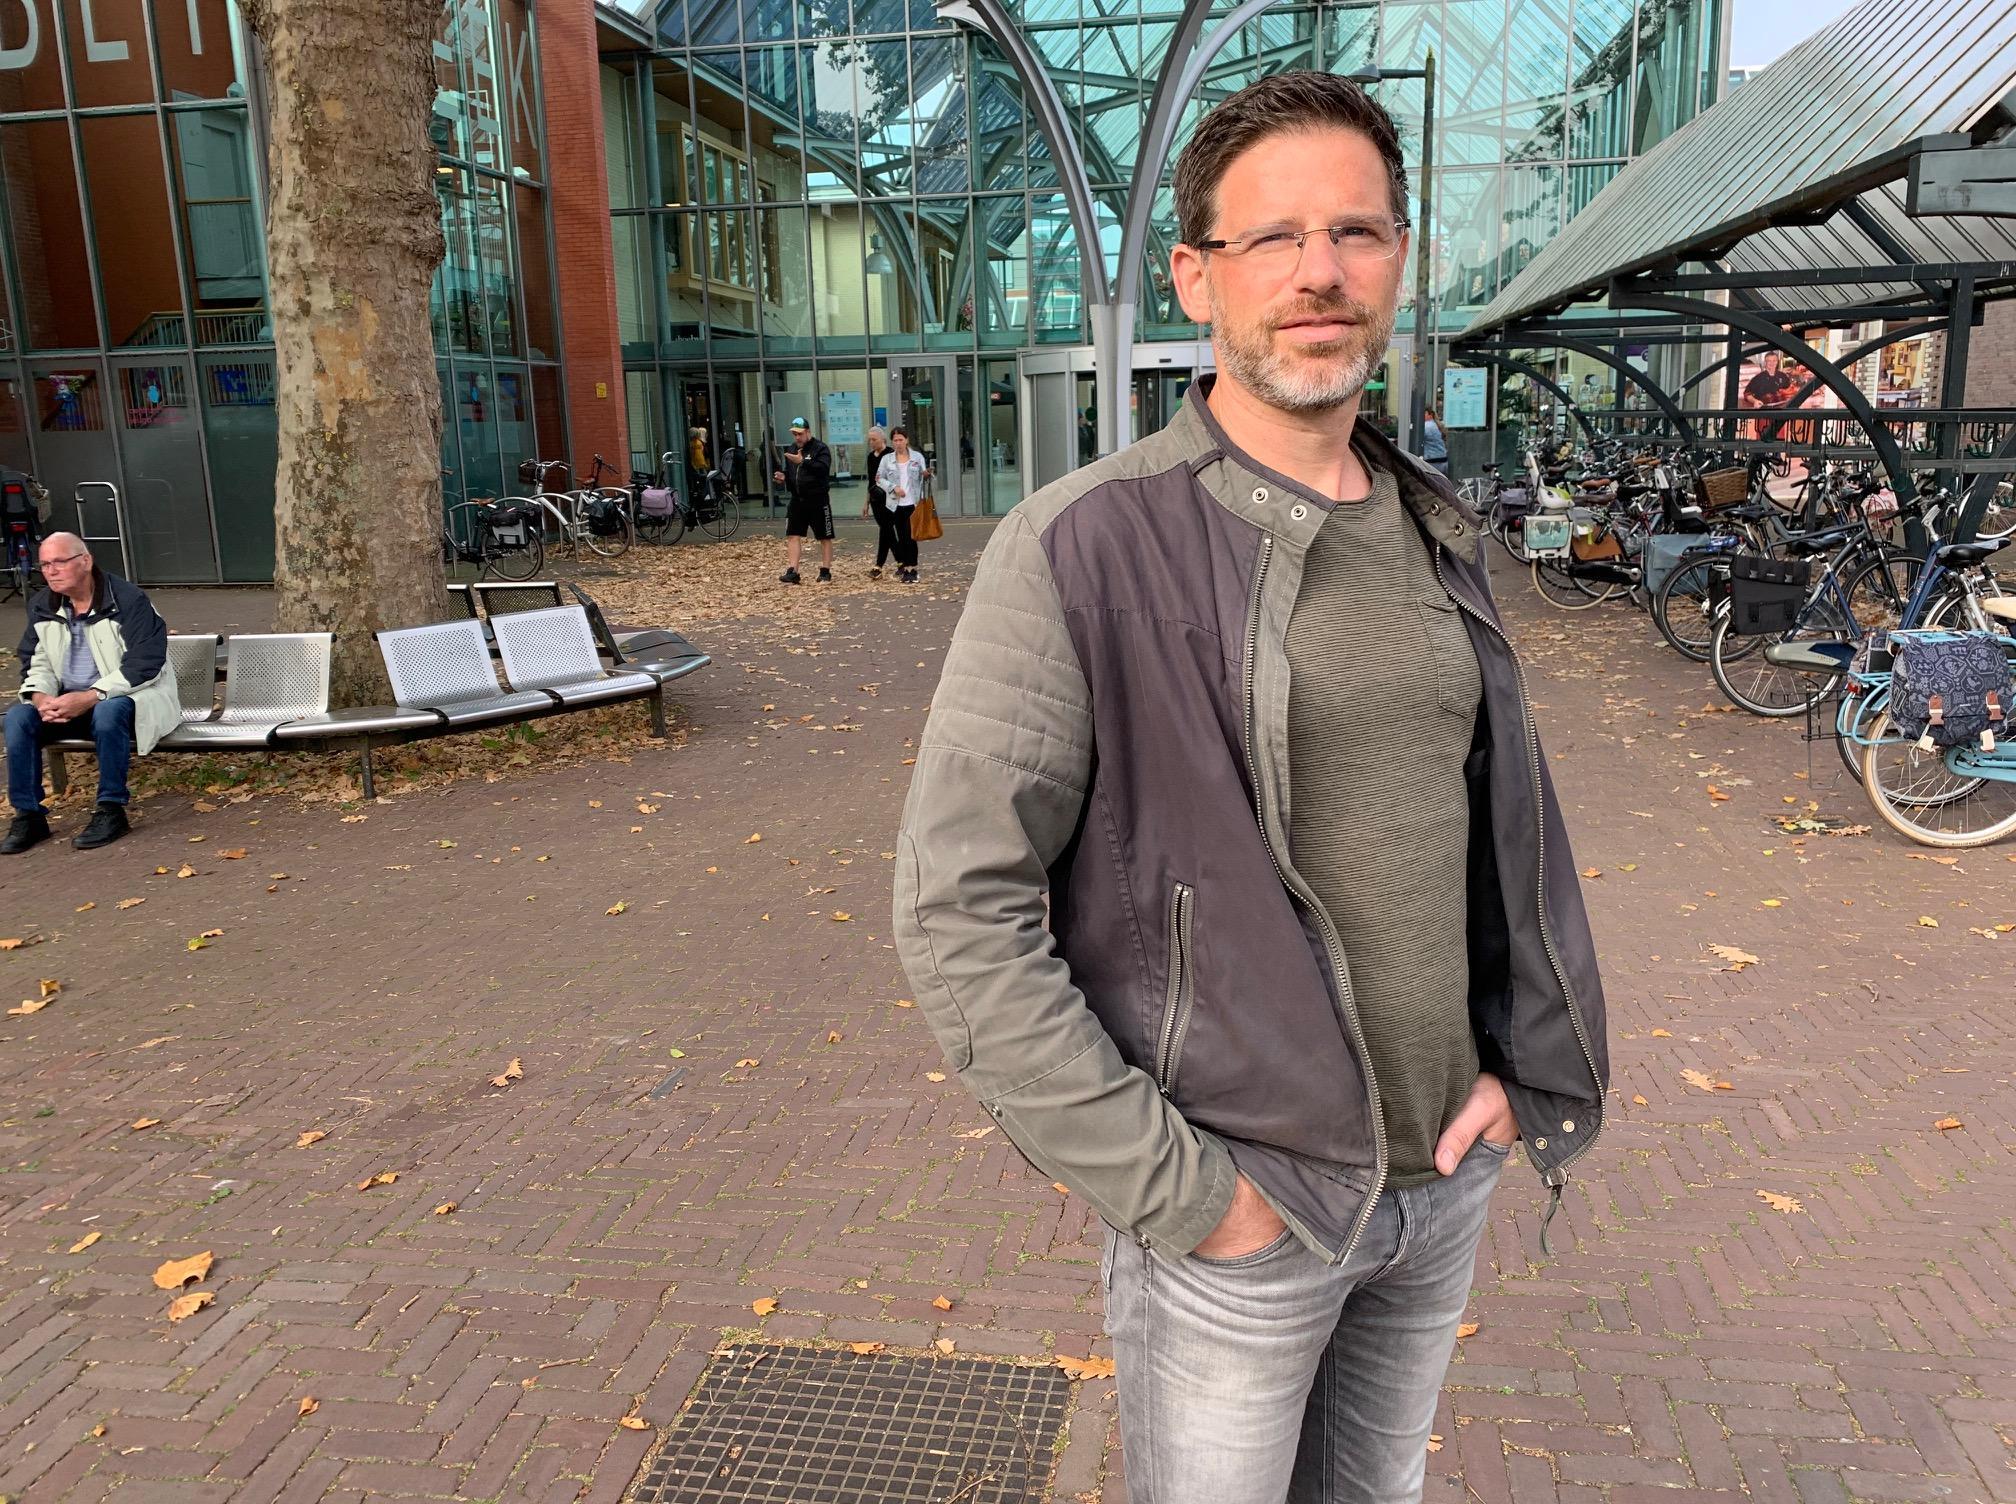 Maarten Haan eerste wijk-GGD'er voor verwarde mensen in Stede Broec: 'Hoe eerder hulp hoe beter'